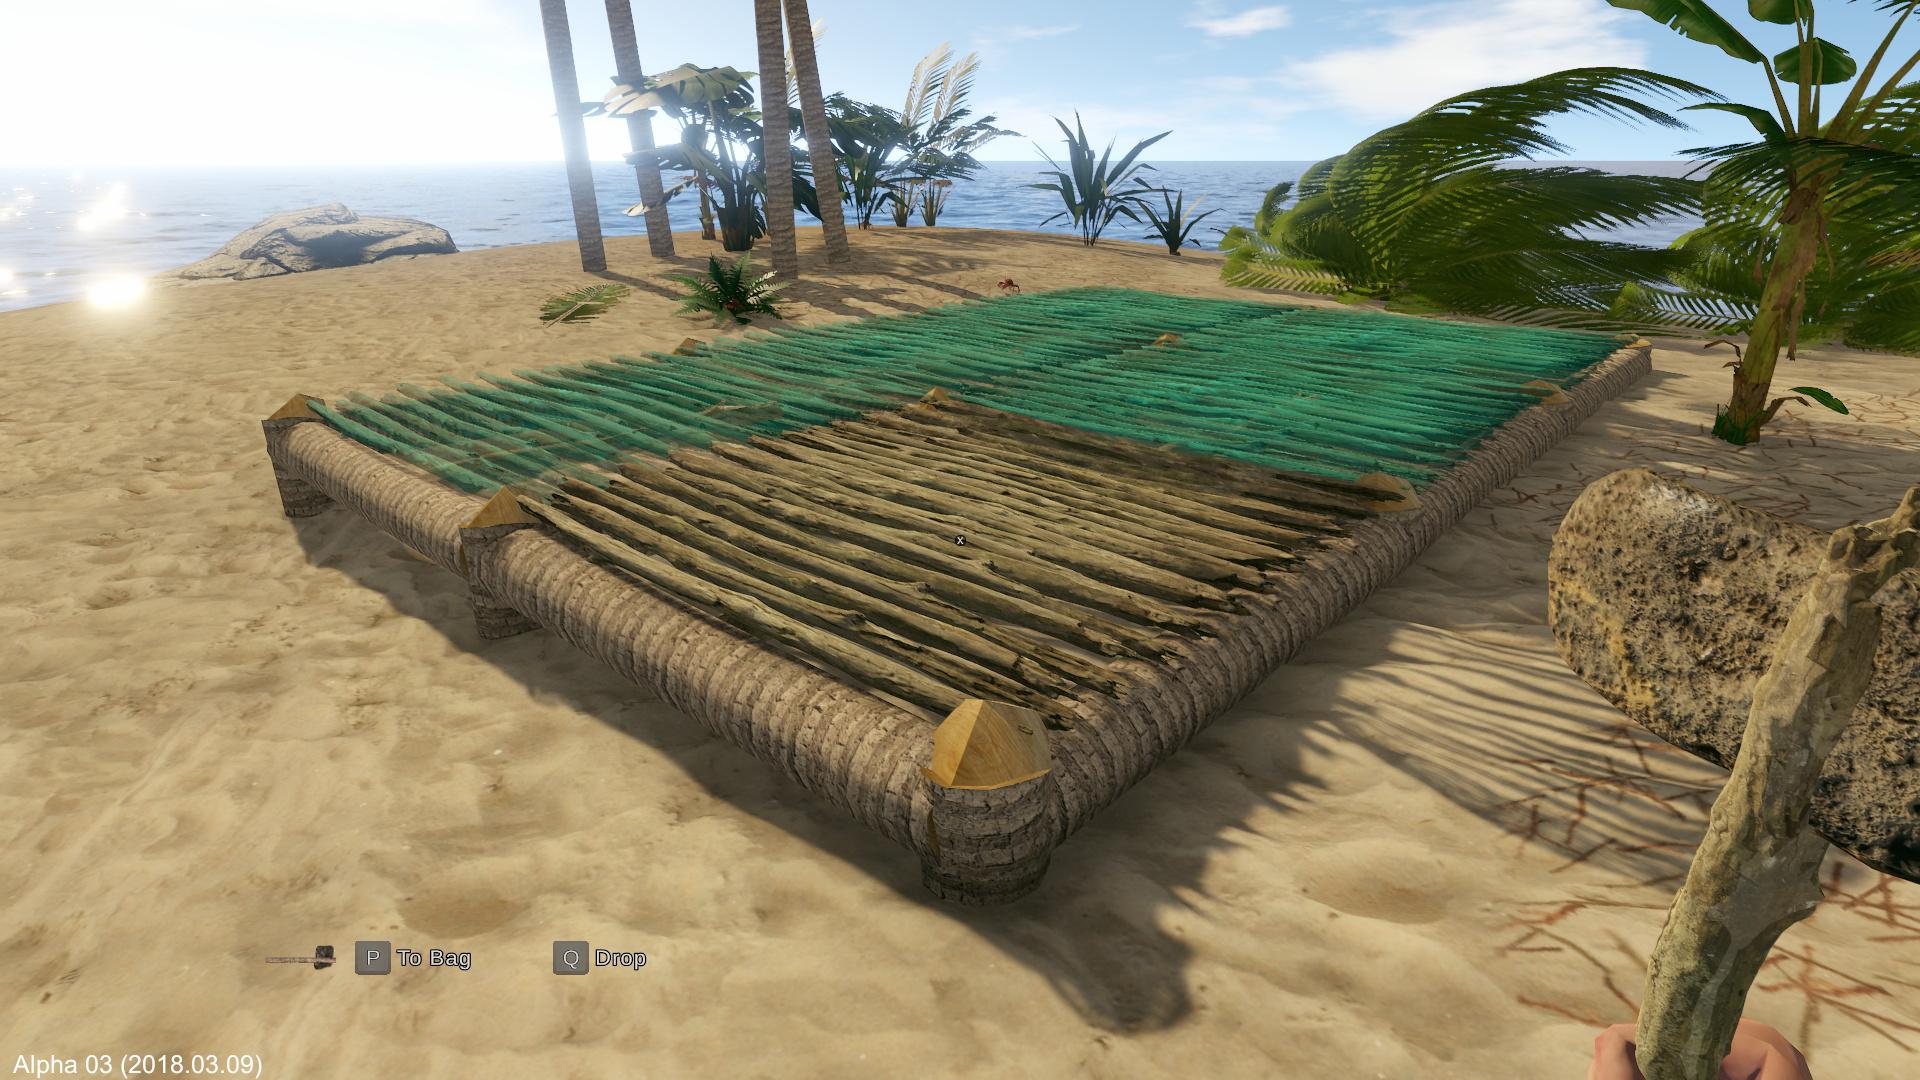 Construire ces fondations m'a demandé quelque chose comme 500 clics de souris contre des troncs d'arbre. Je me suis fait un claquage de l'index avant d'abandonner le chantier.